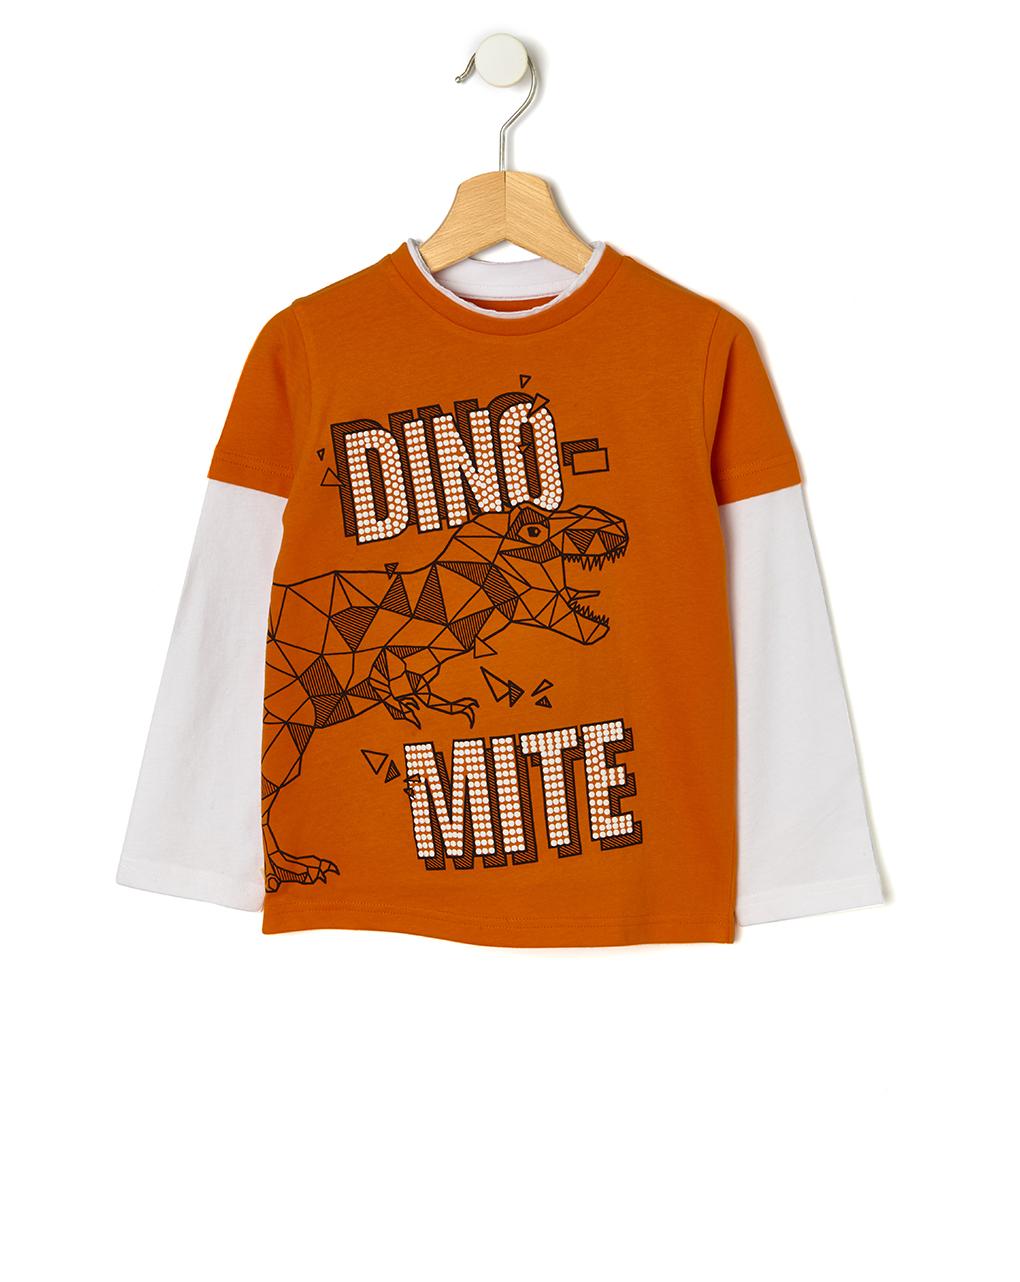 Μπλούζα Μακρυμάνικη Πορτοκαλί με Στάμπα για Αγόρι